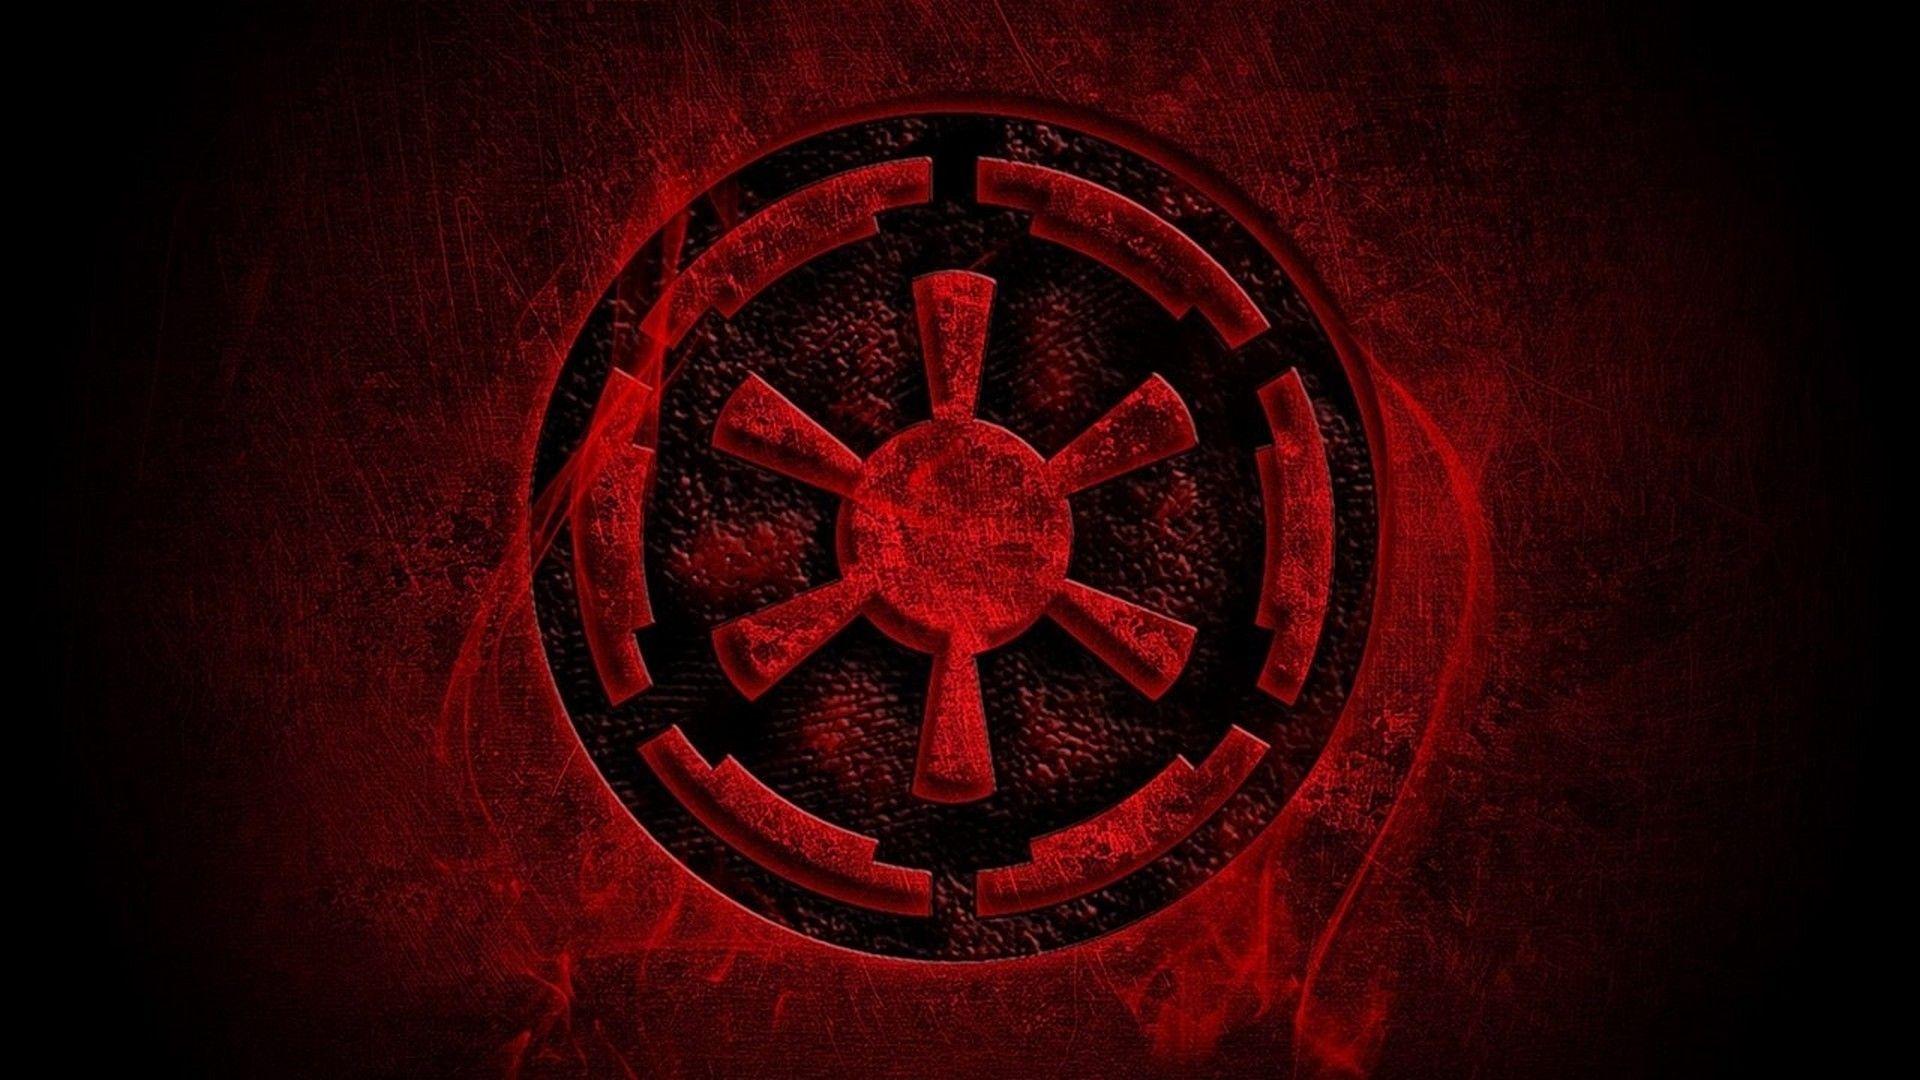 Star Wars Empire Logo Wallpapers On Wallpaperdog